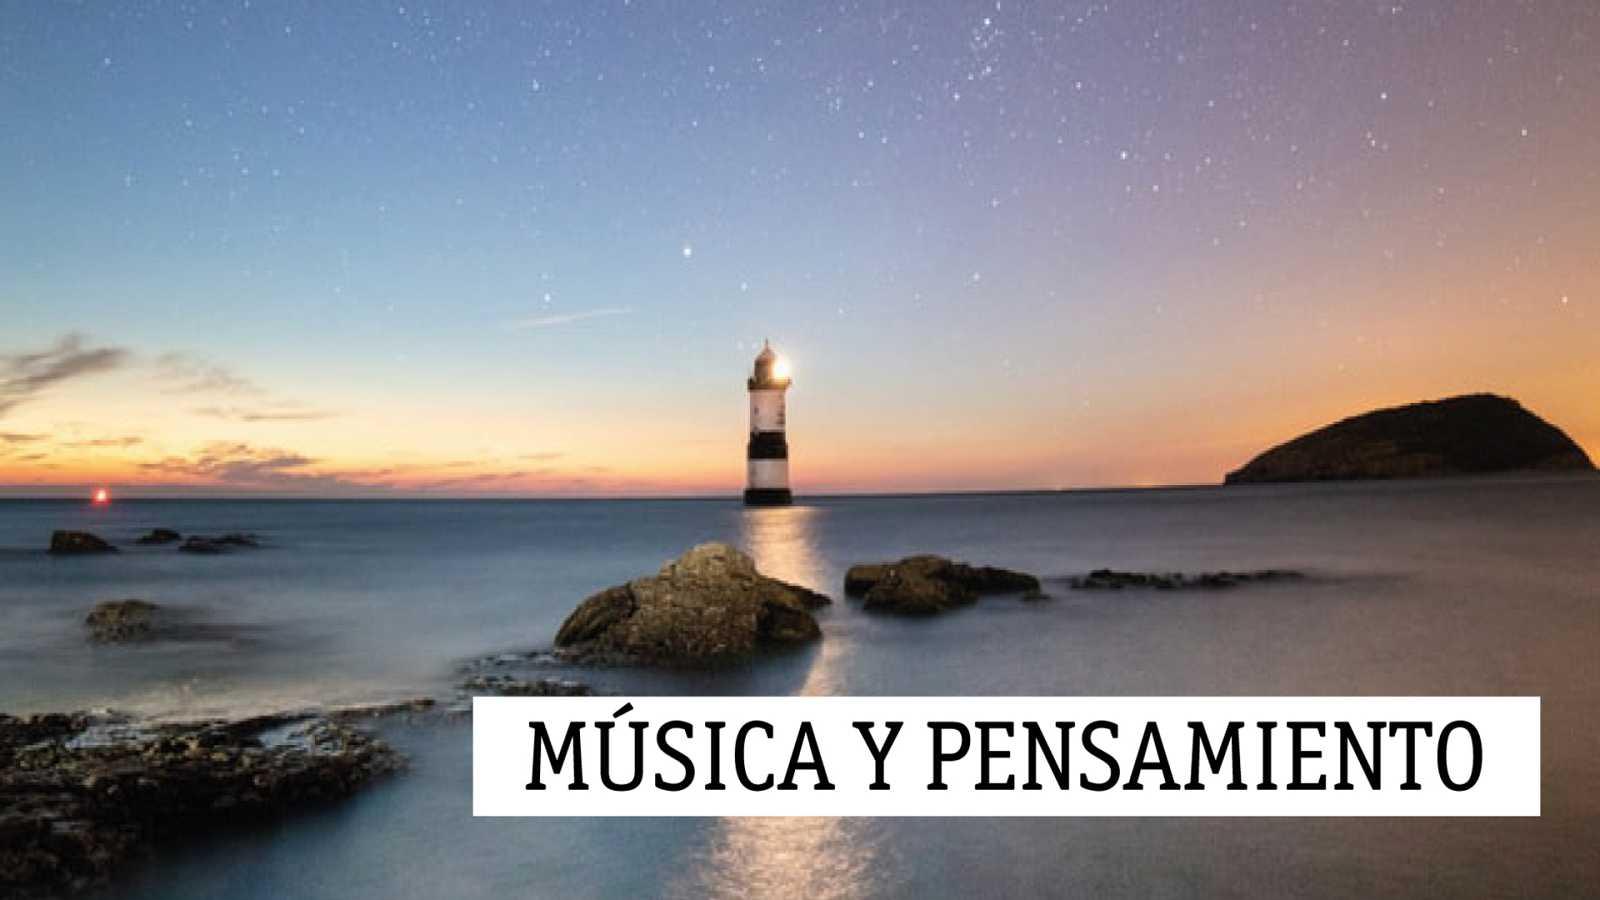 Música y Pensamiento - Baltasar Gracián - 29/11/20 - escuchar ahora